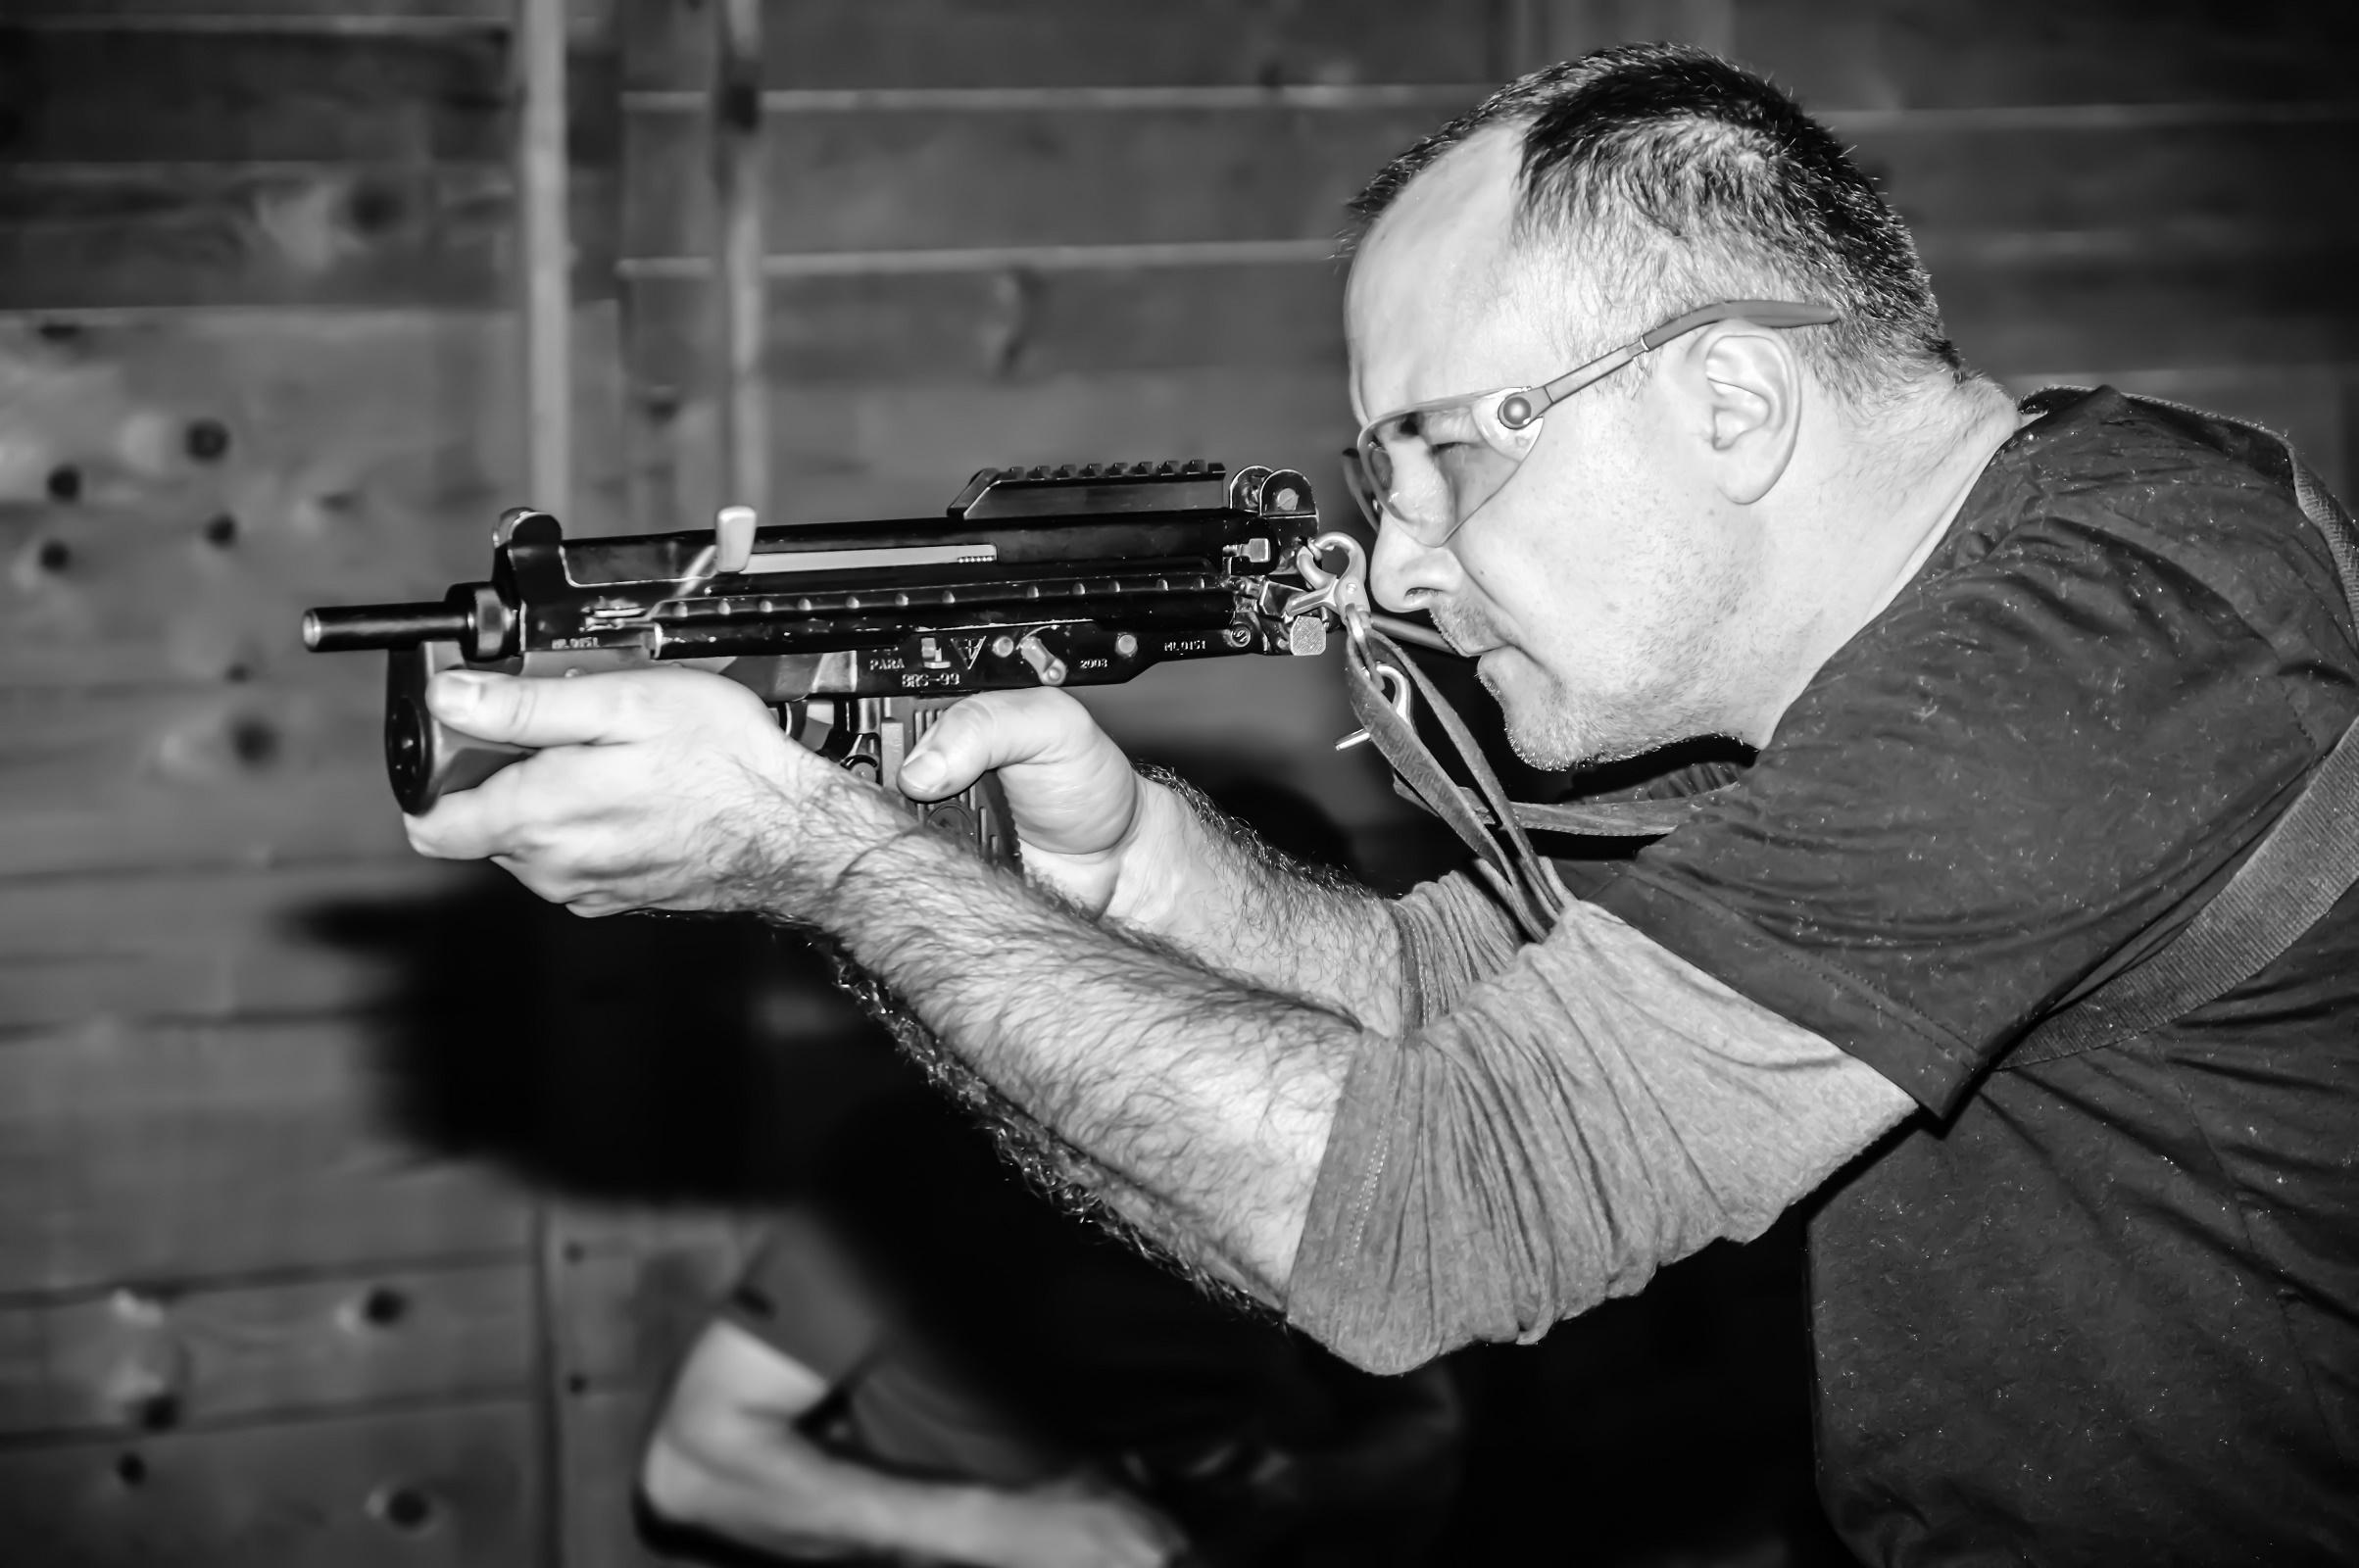 Polski Bodyguard światowej klasy – rozmowa z Jakubem Brychem!